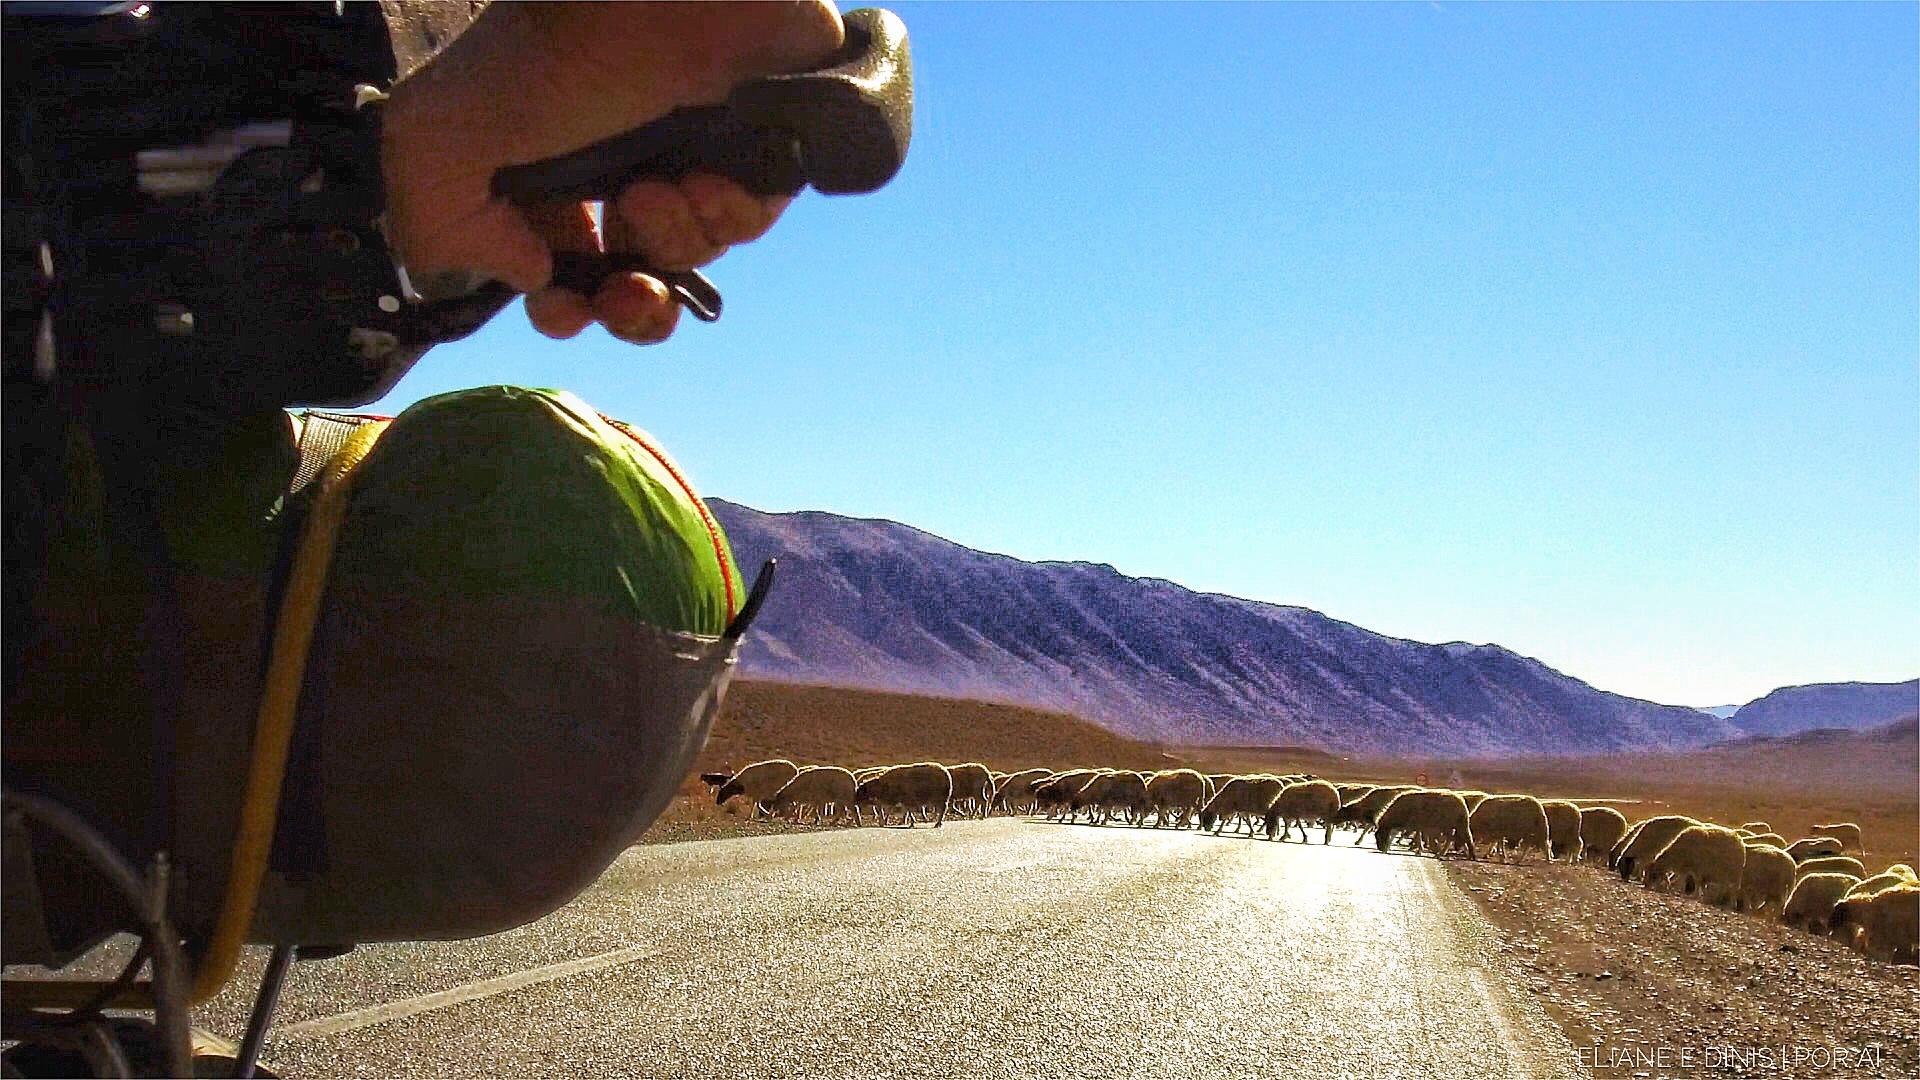 Cicloturismo em Marrocos